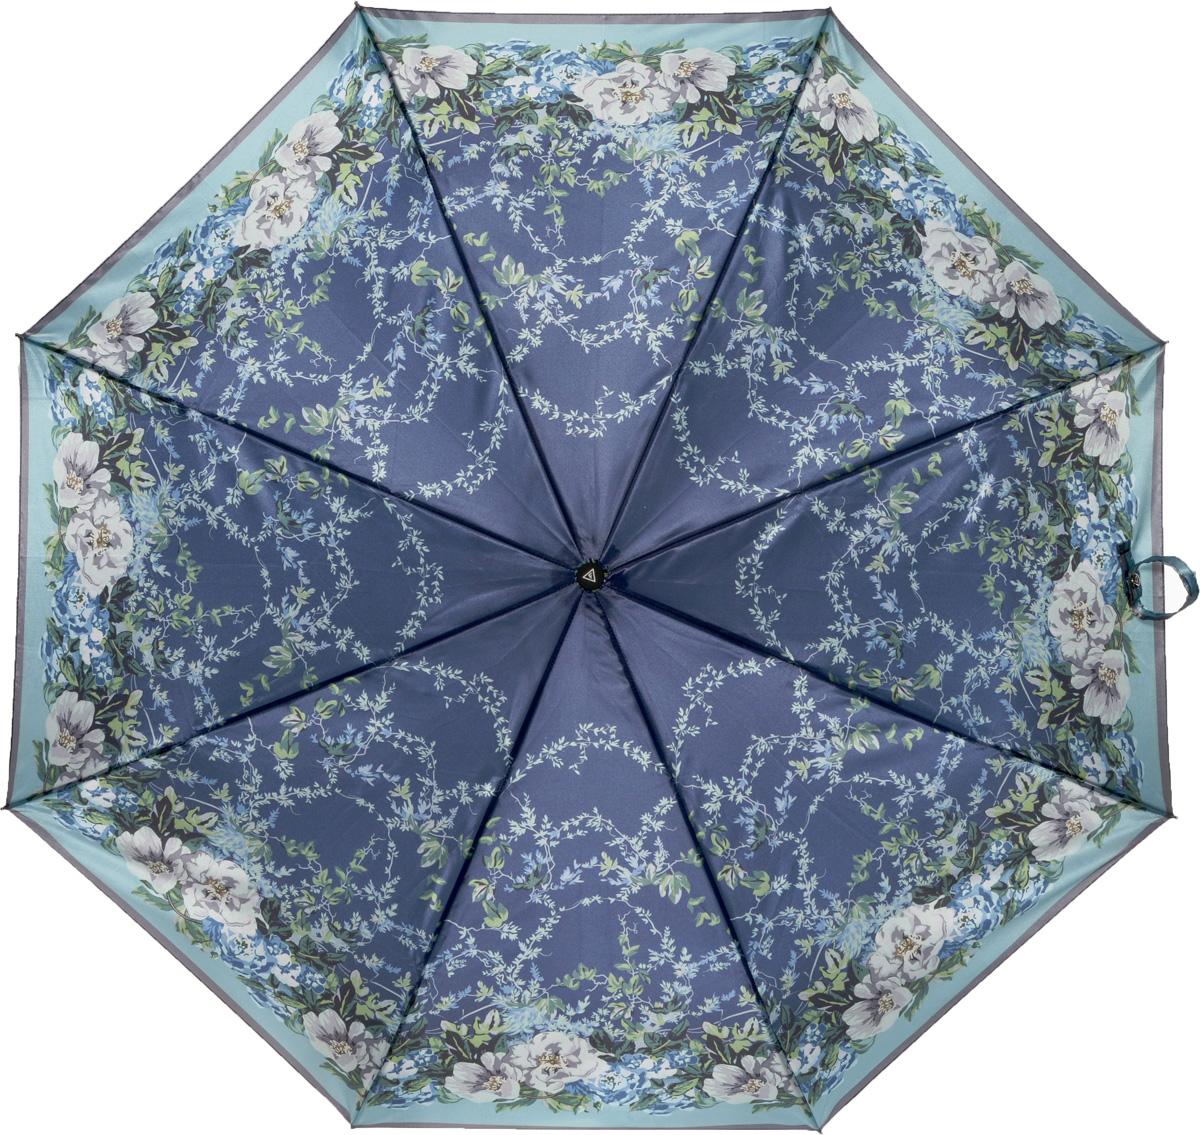 Зонт женский Fabretti, полный автомат, 3 сложения, цвет: мультиколор. S-16100-12S-16100-12Зонт женский Fabretti, суперавтомат, 3 сложения, сатин